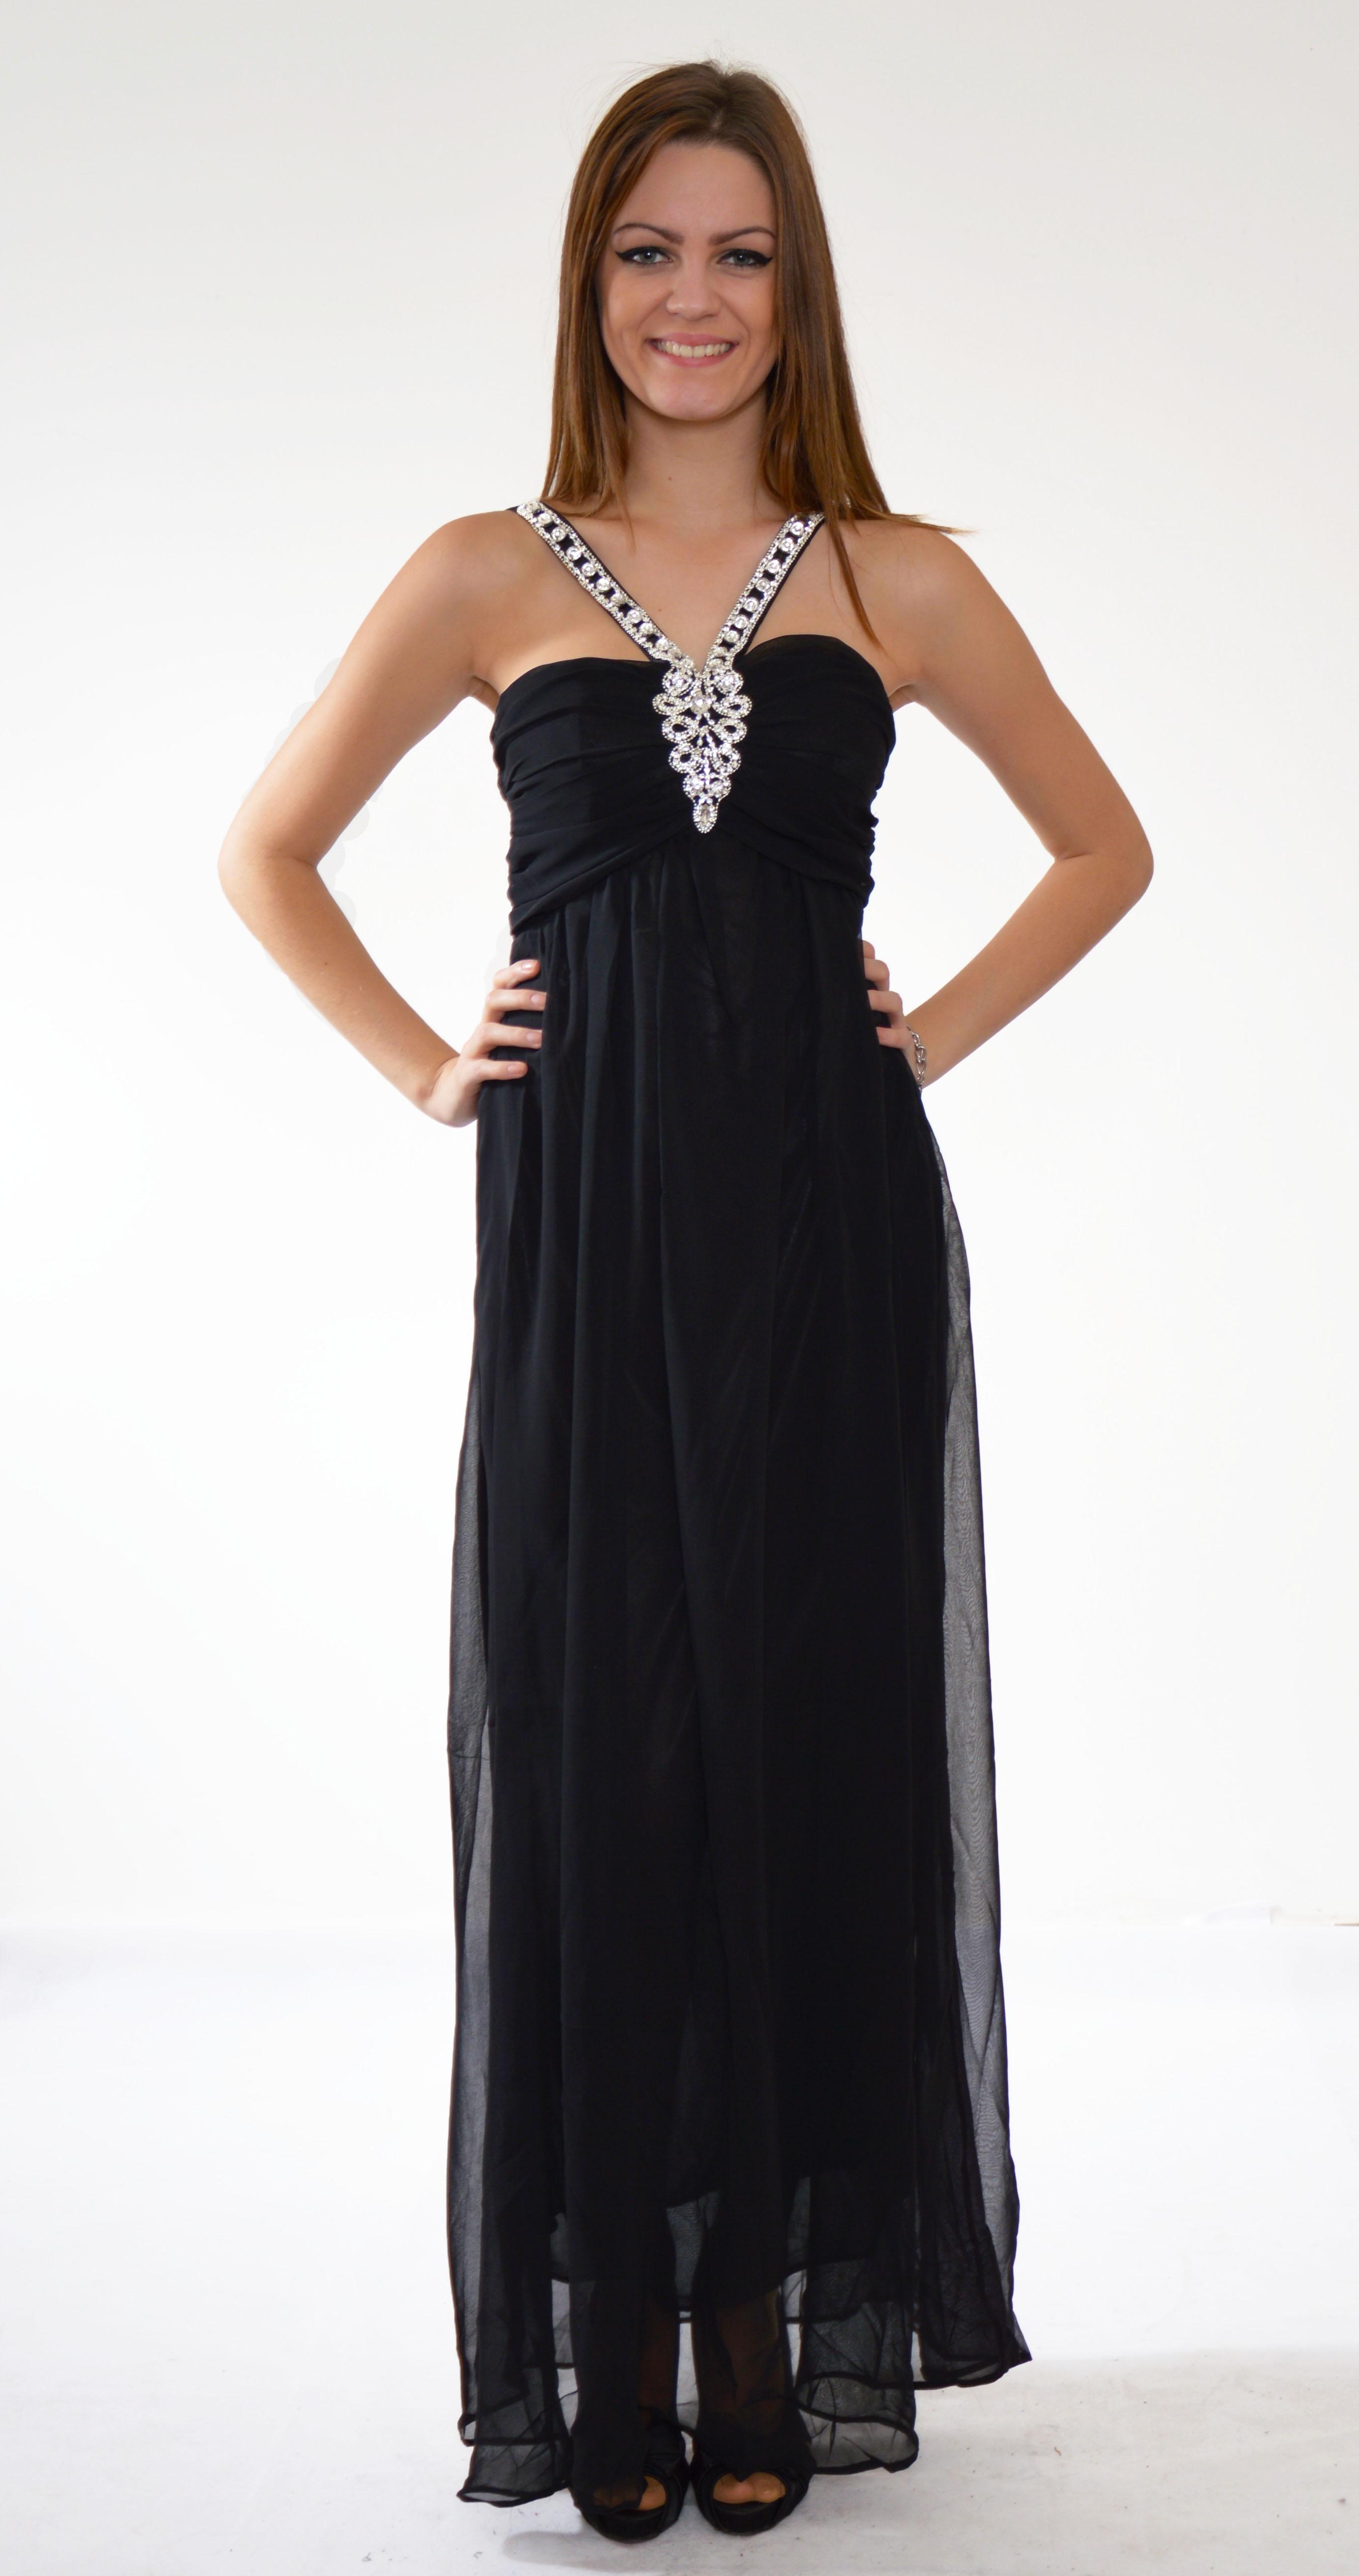 e5c9248f9e39 Spoločenské šaty na stužkovú